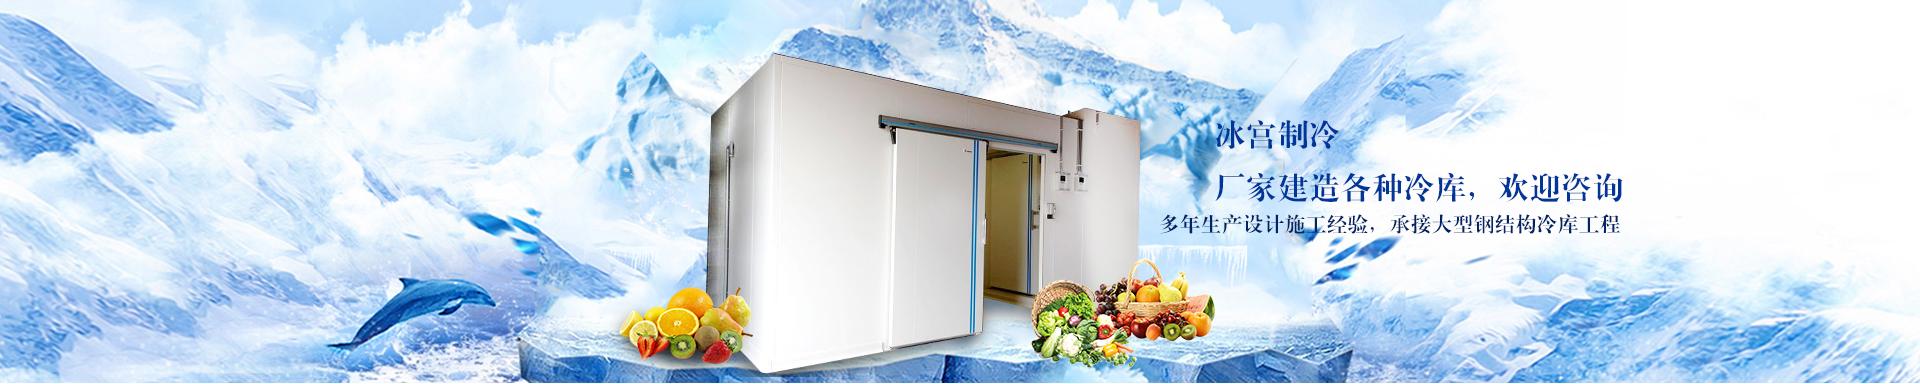 常州冷庫安裝公司,冷庫門價格,冷庫板廠家